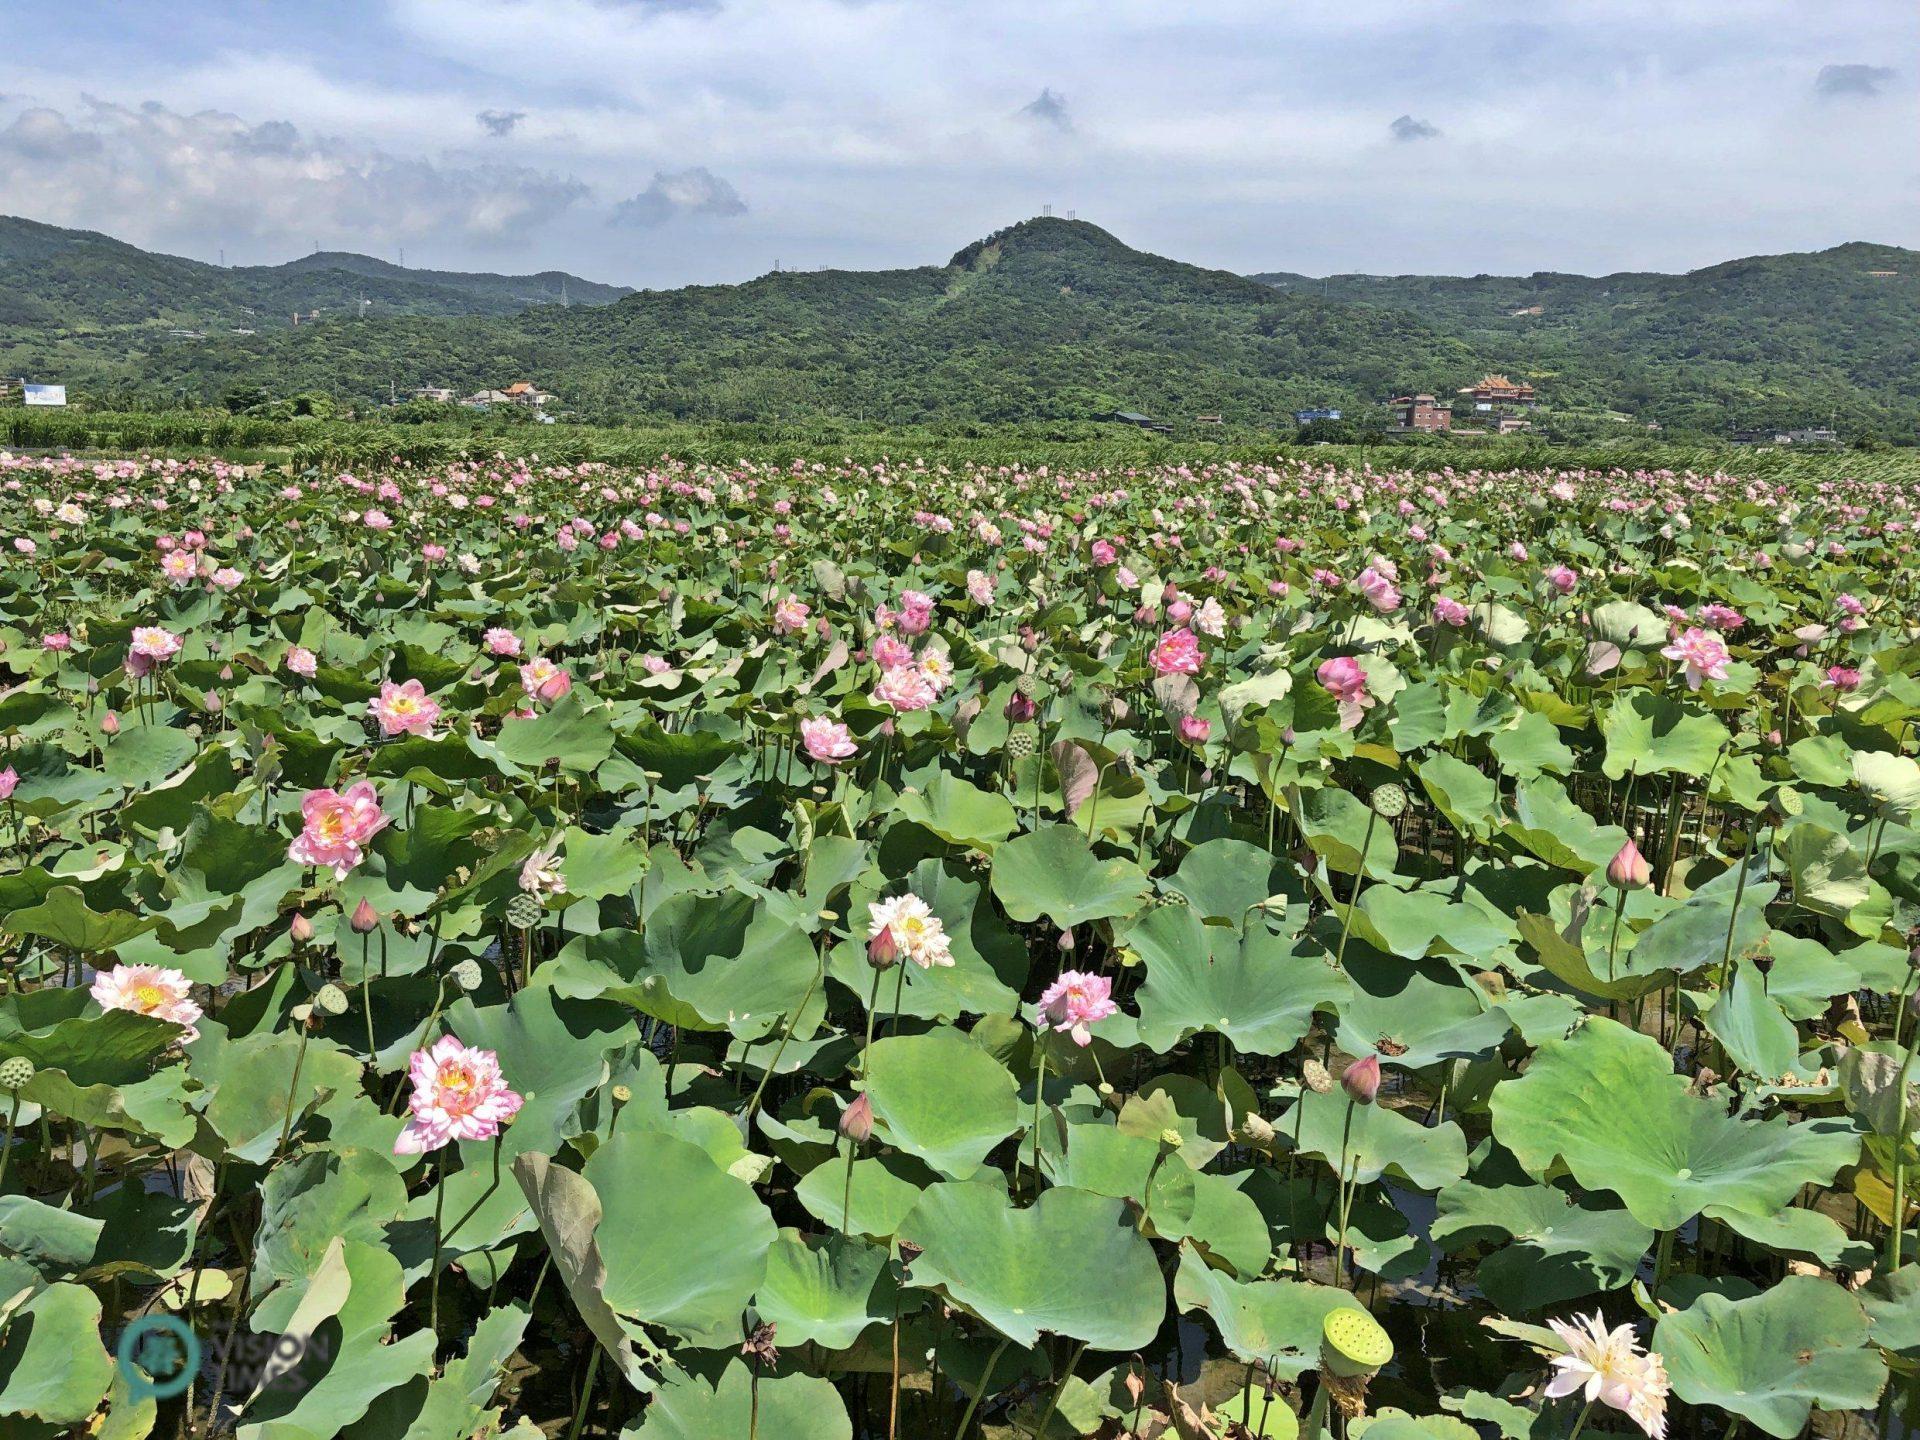 The lotus field in Jinshan District's Qingshui Wetland. (Image: Julia Fu / Vision Times)